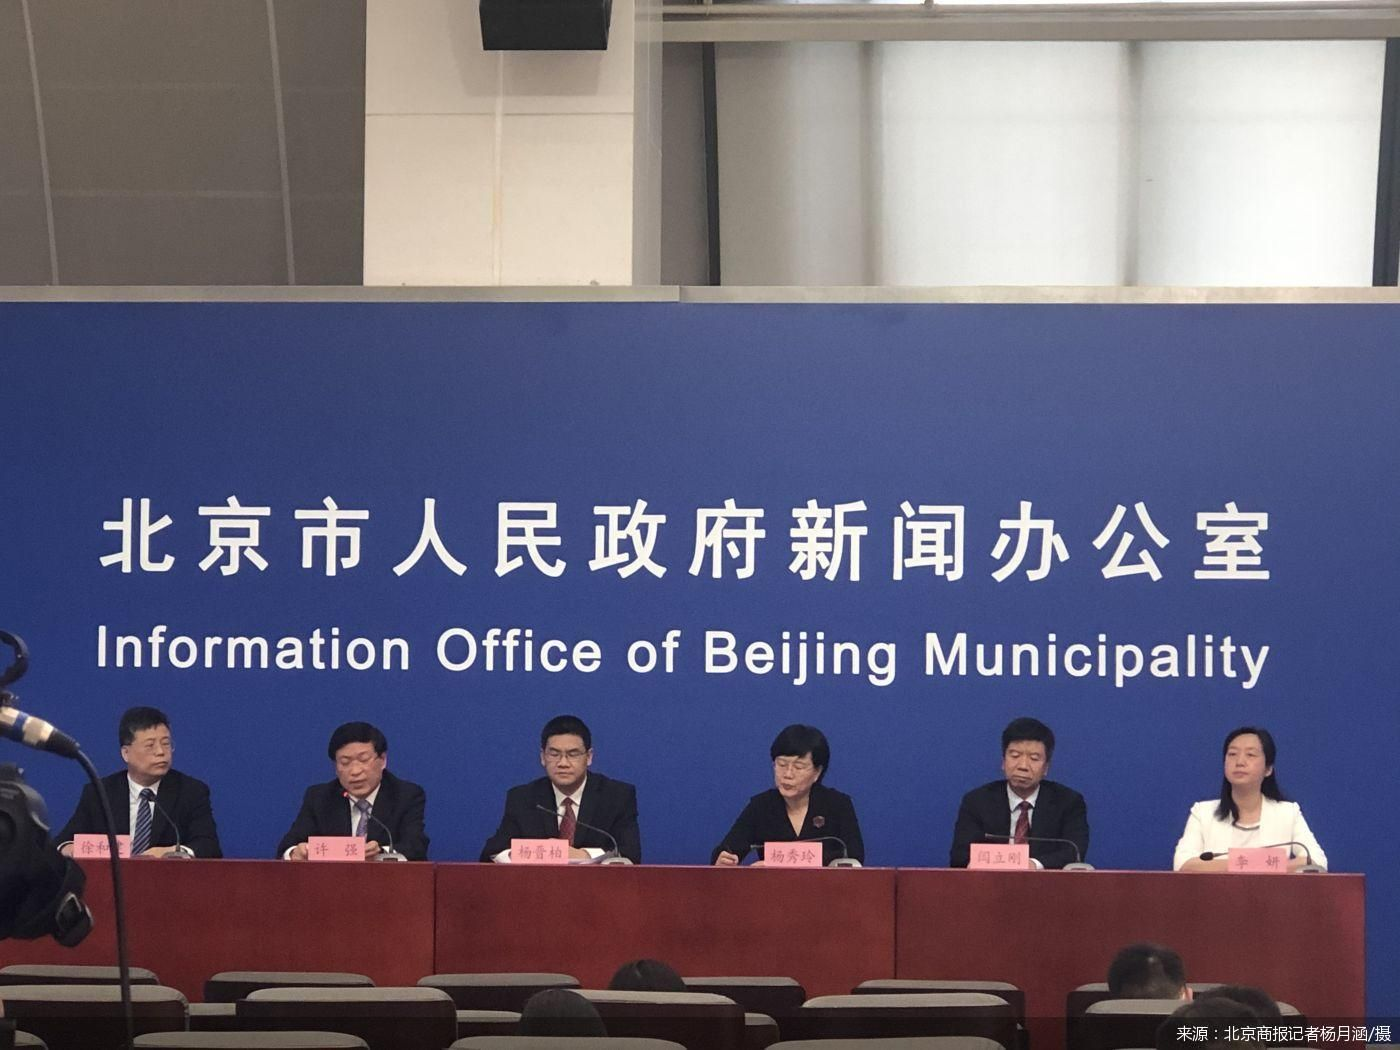 三大片区如何布局?北京自贸区范围揭晓